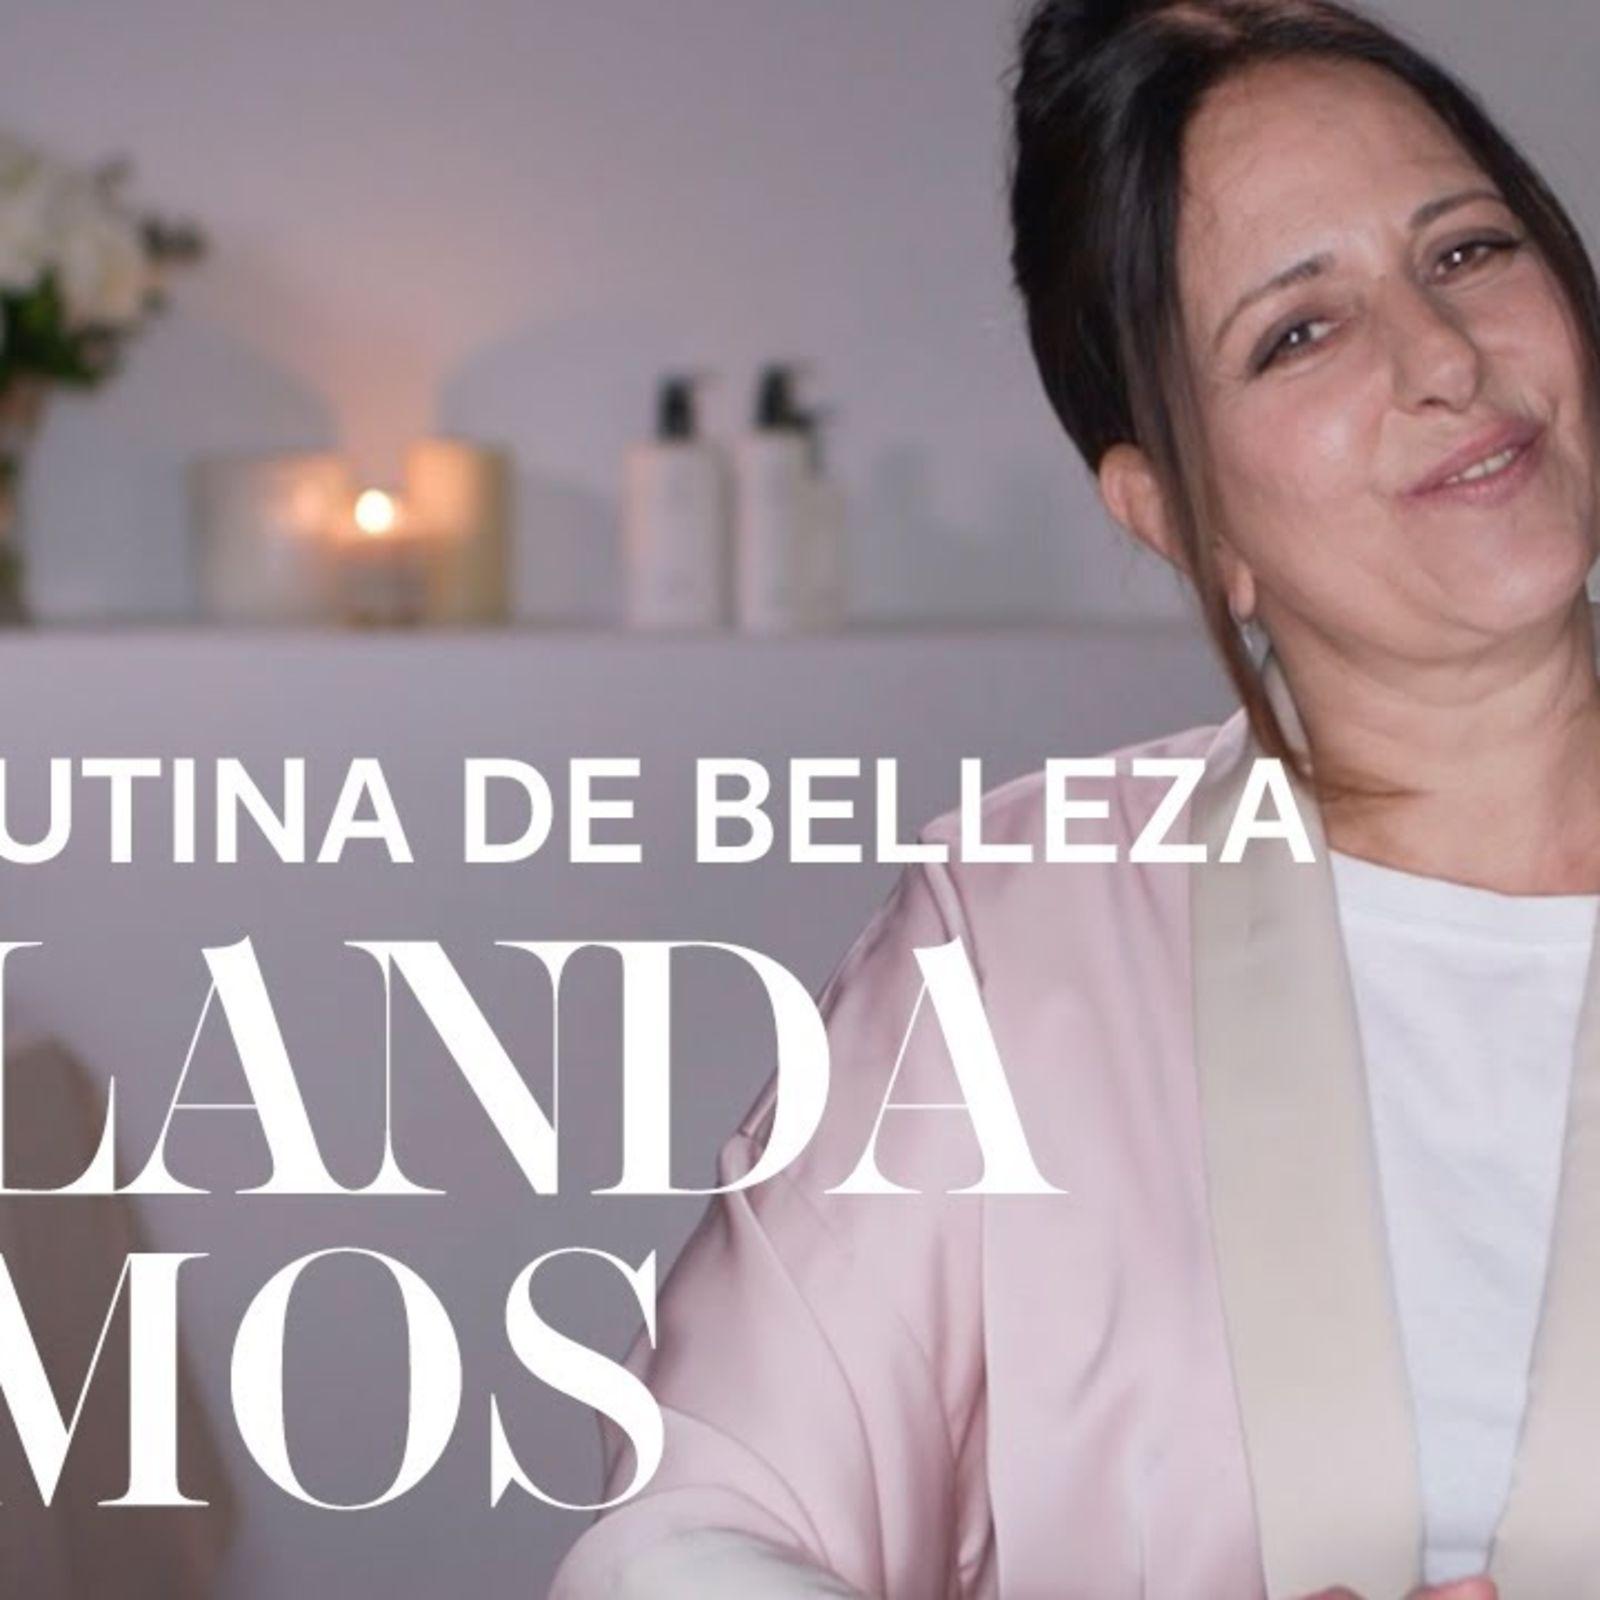 (anti)Rutina de belleza, por Yolanda Ramos